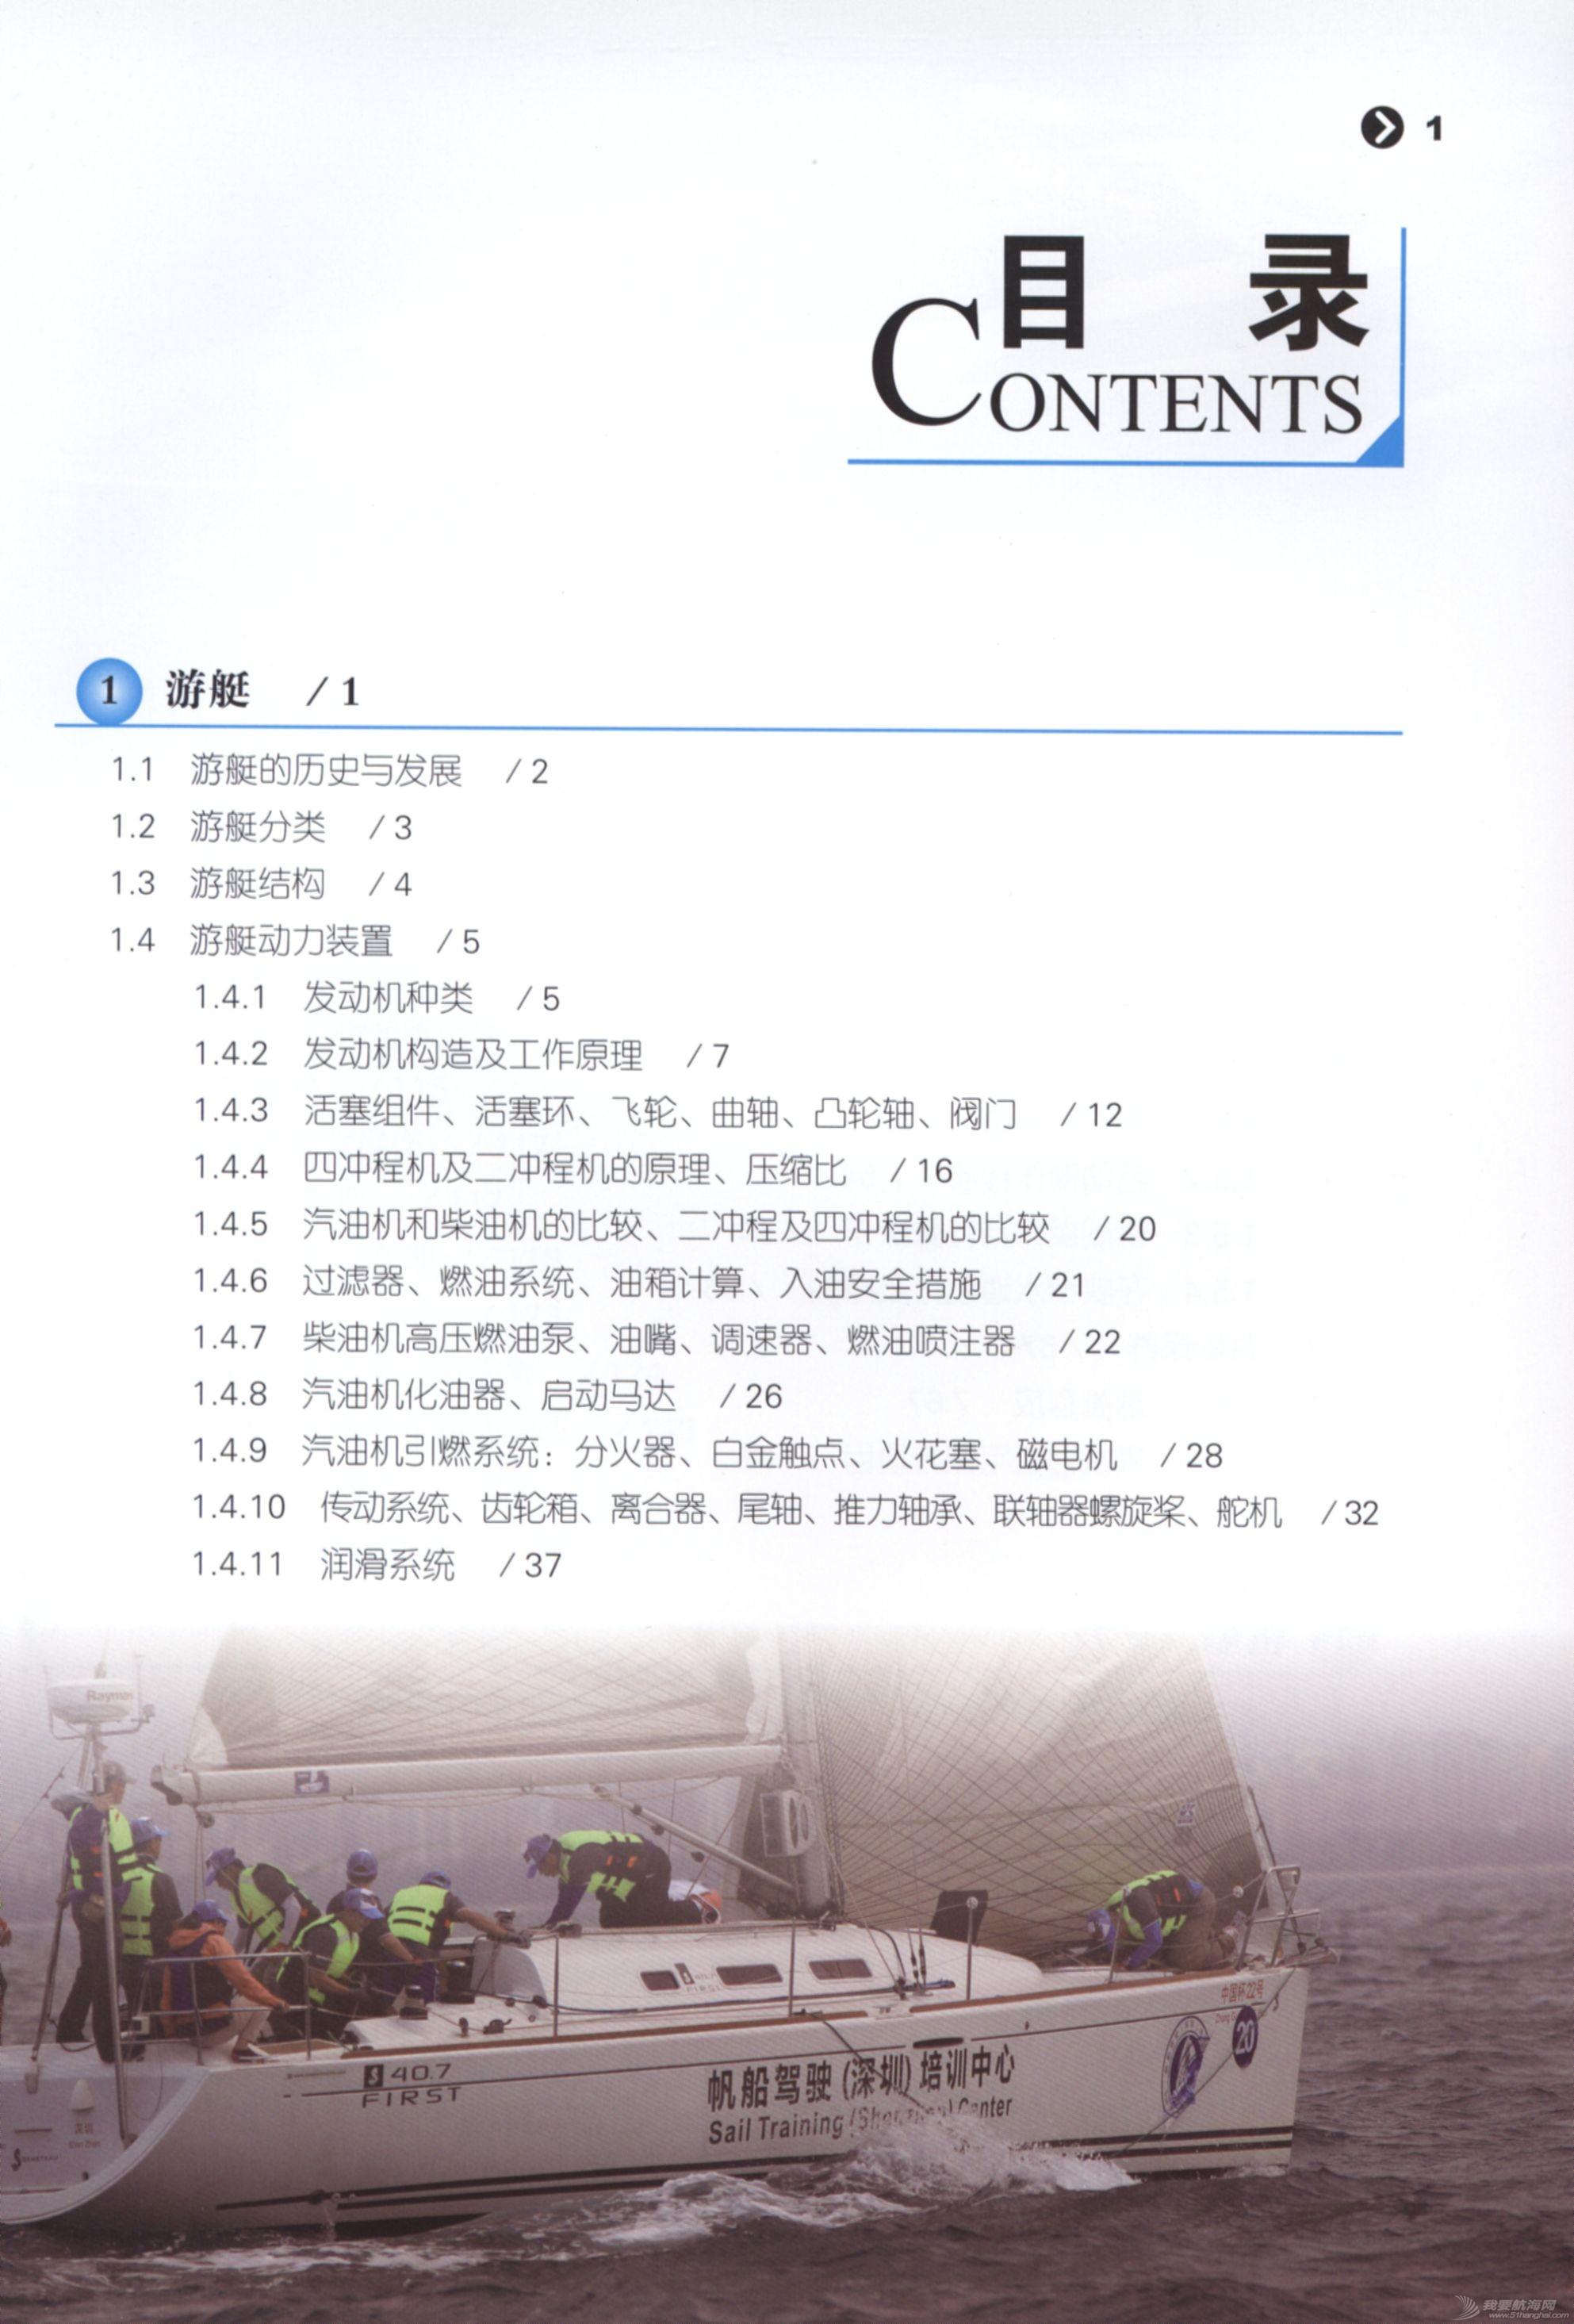 培训教材,TXT下载,帆船,技术 《游艇与帆船操作培训教材》 PDF下载 TXT下载 帆船技术 航海教材 1.jpg